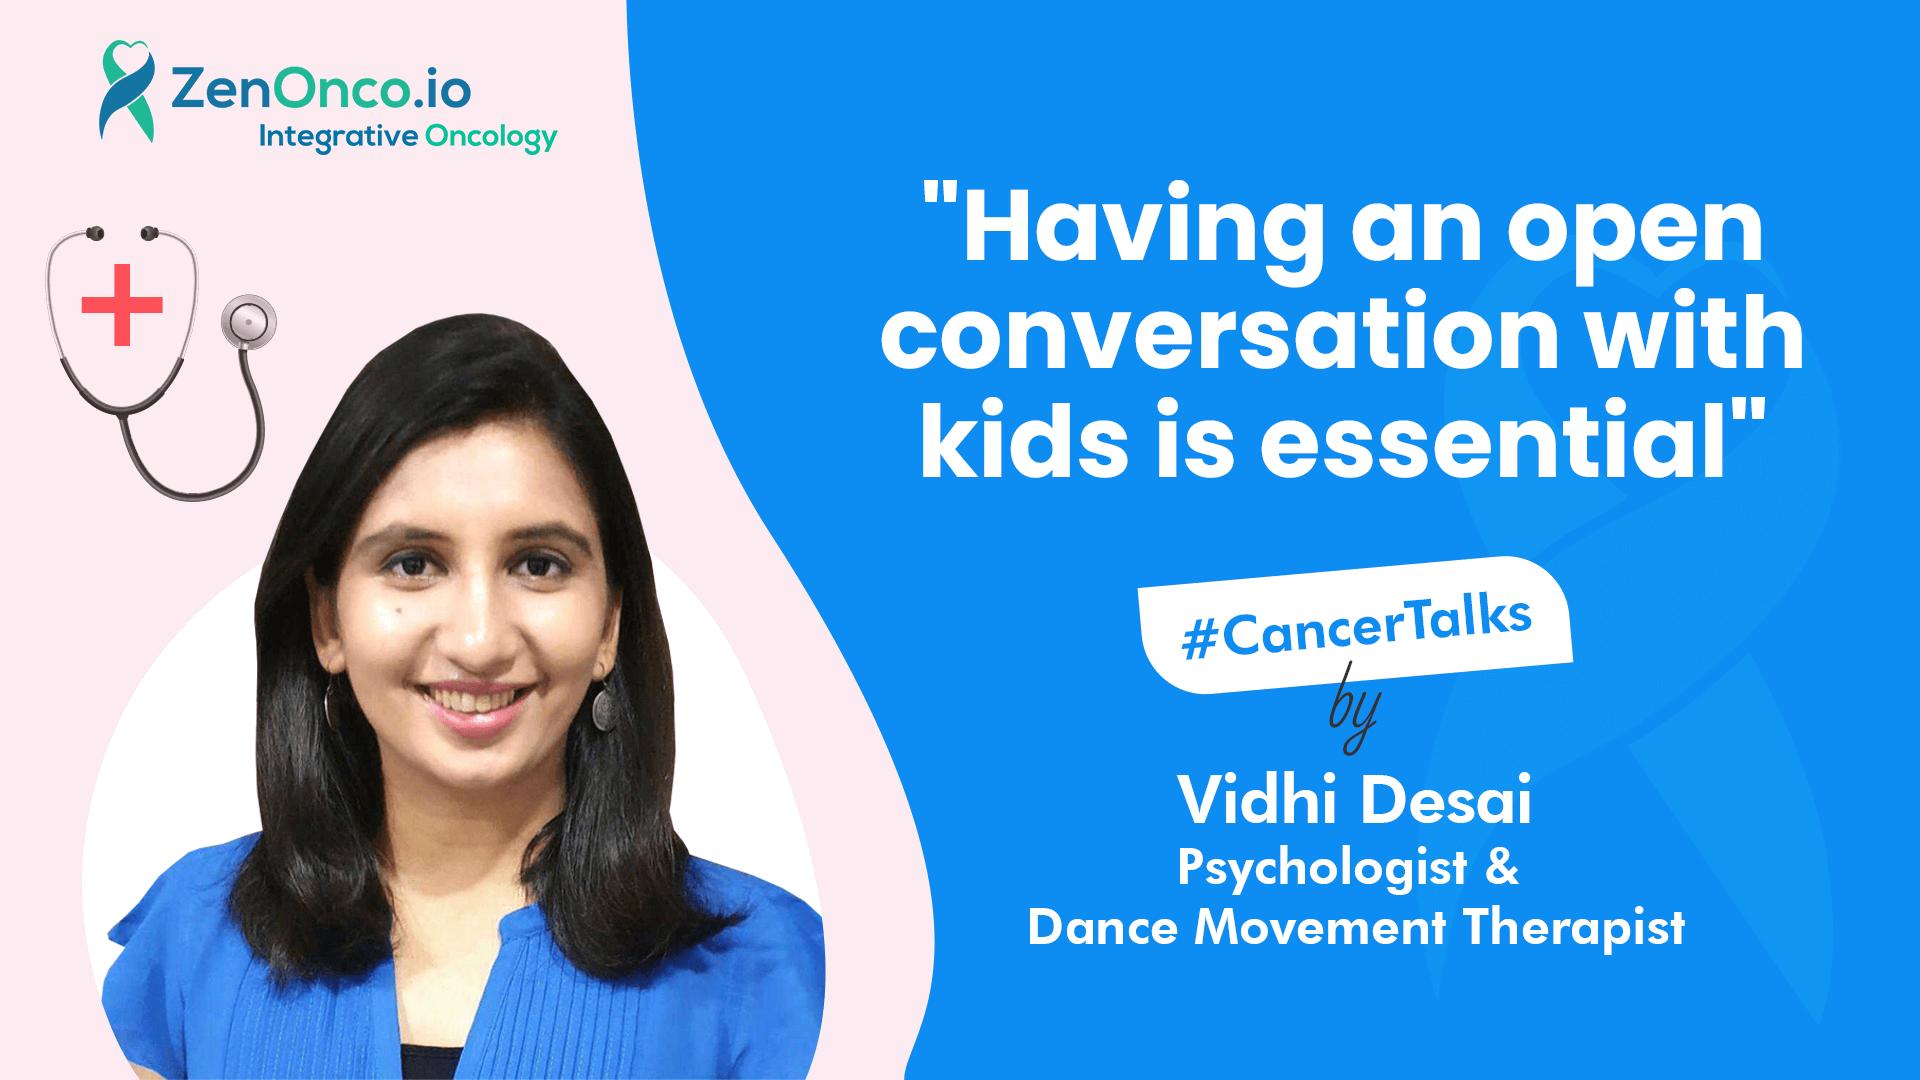 Interview with Vidhi Desai (Dance Movement Therapist)